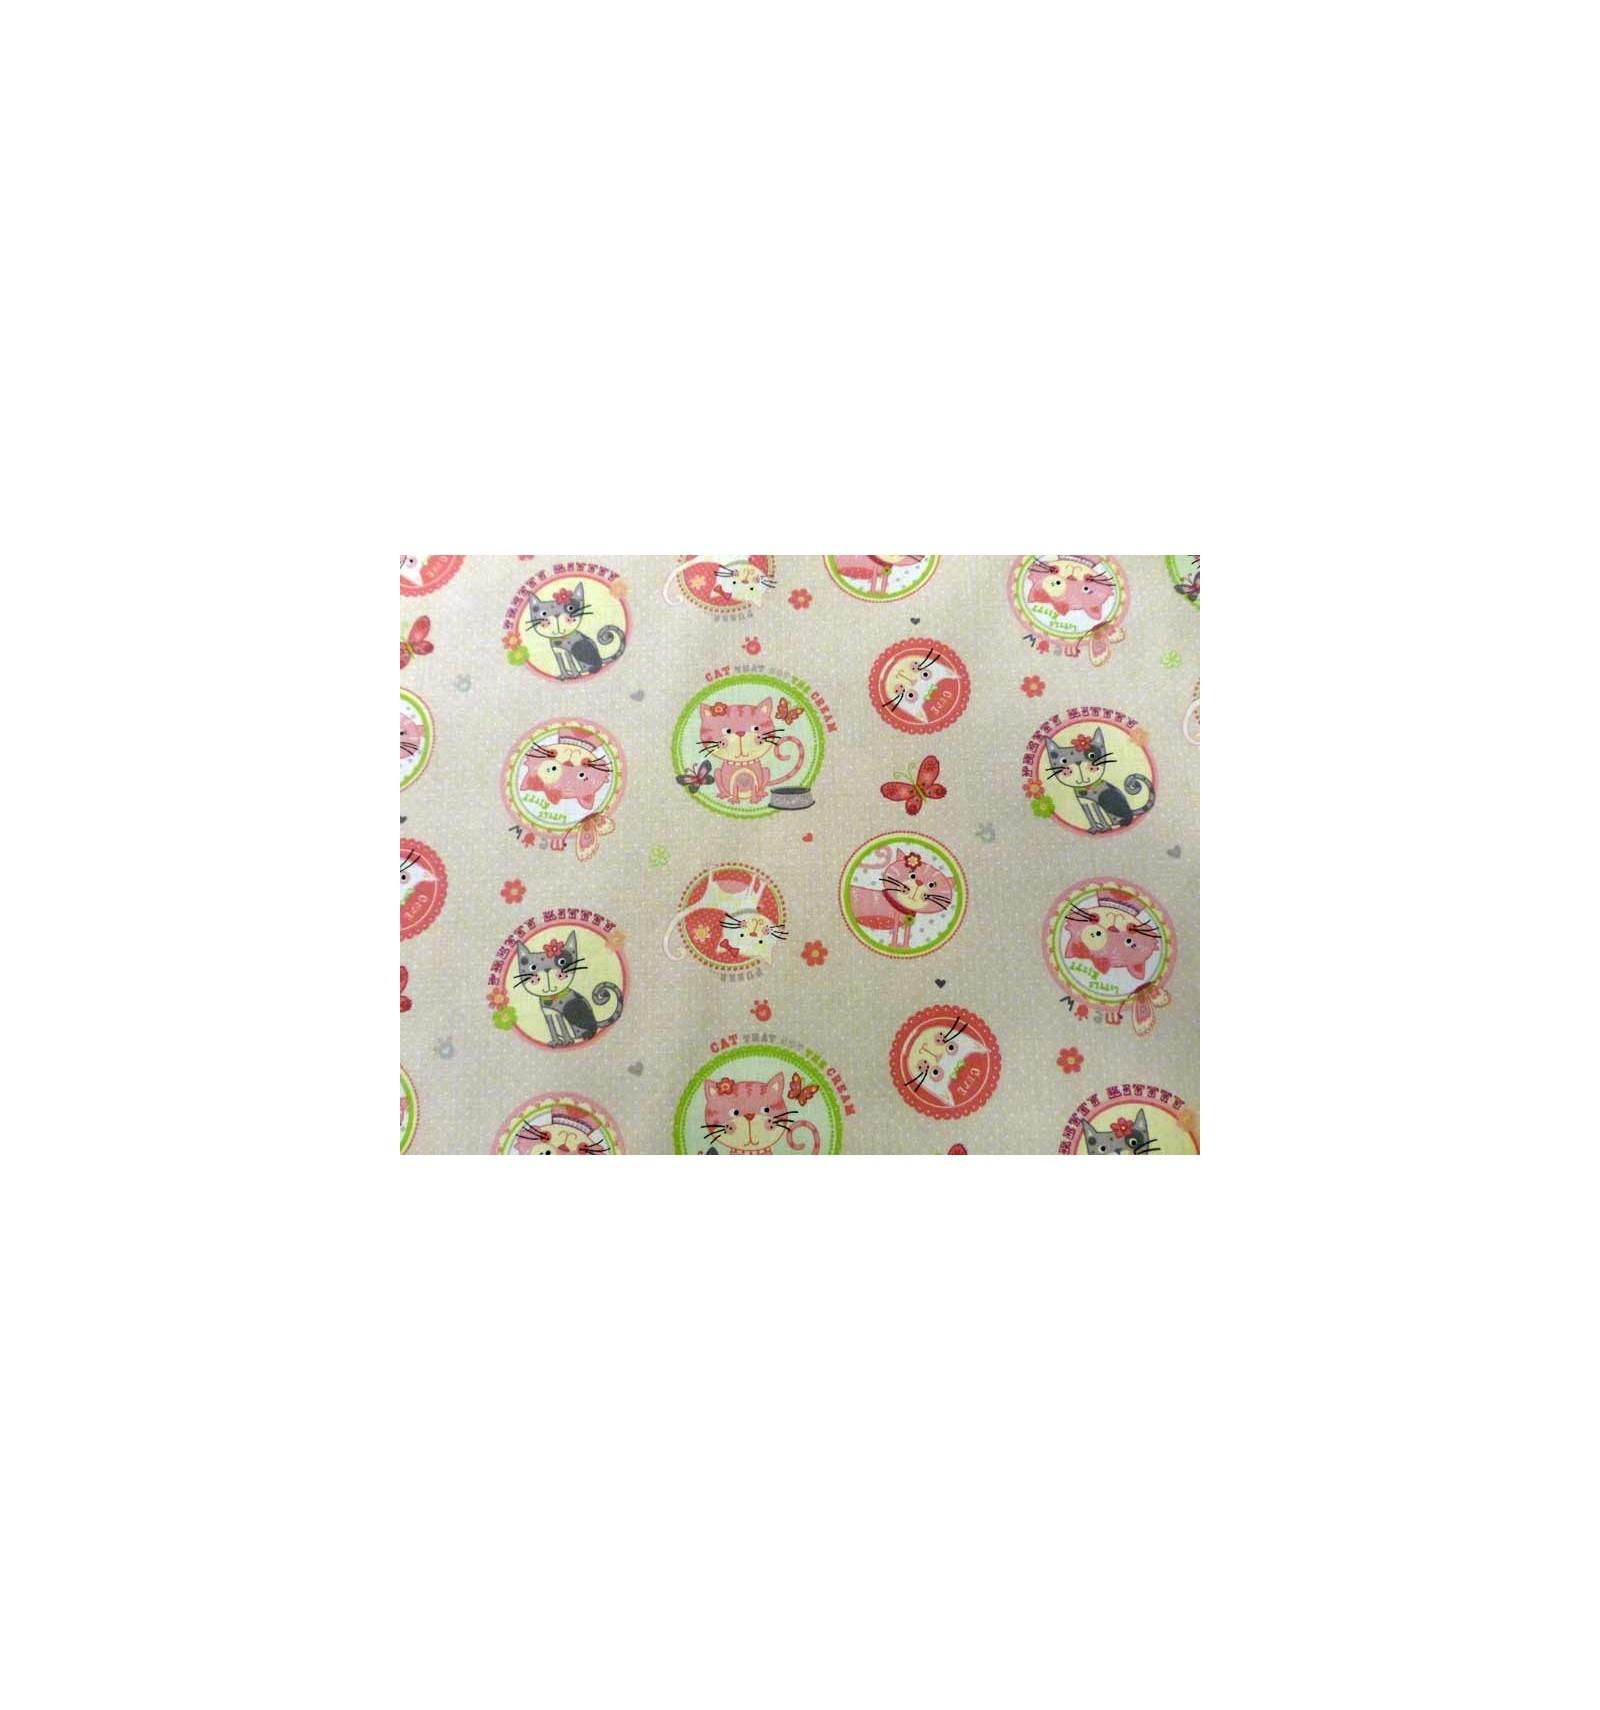 tissu pour enfant tissu coton aux motifs chat tr s mignon vente en ligne tissu enfant. Black Bedroom Furniture Sets. Home Design Ideas